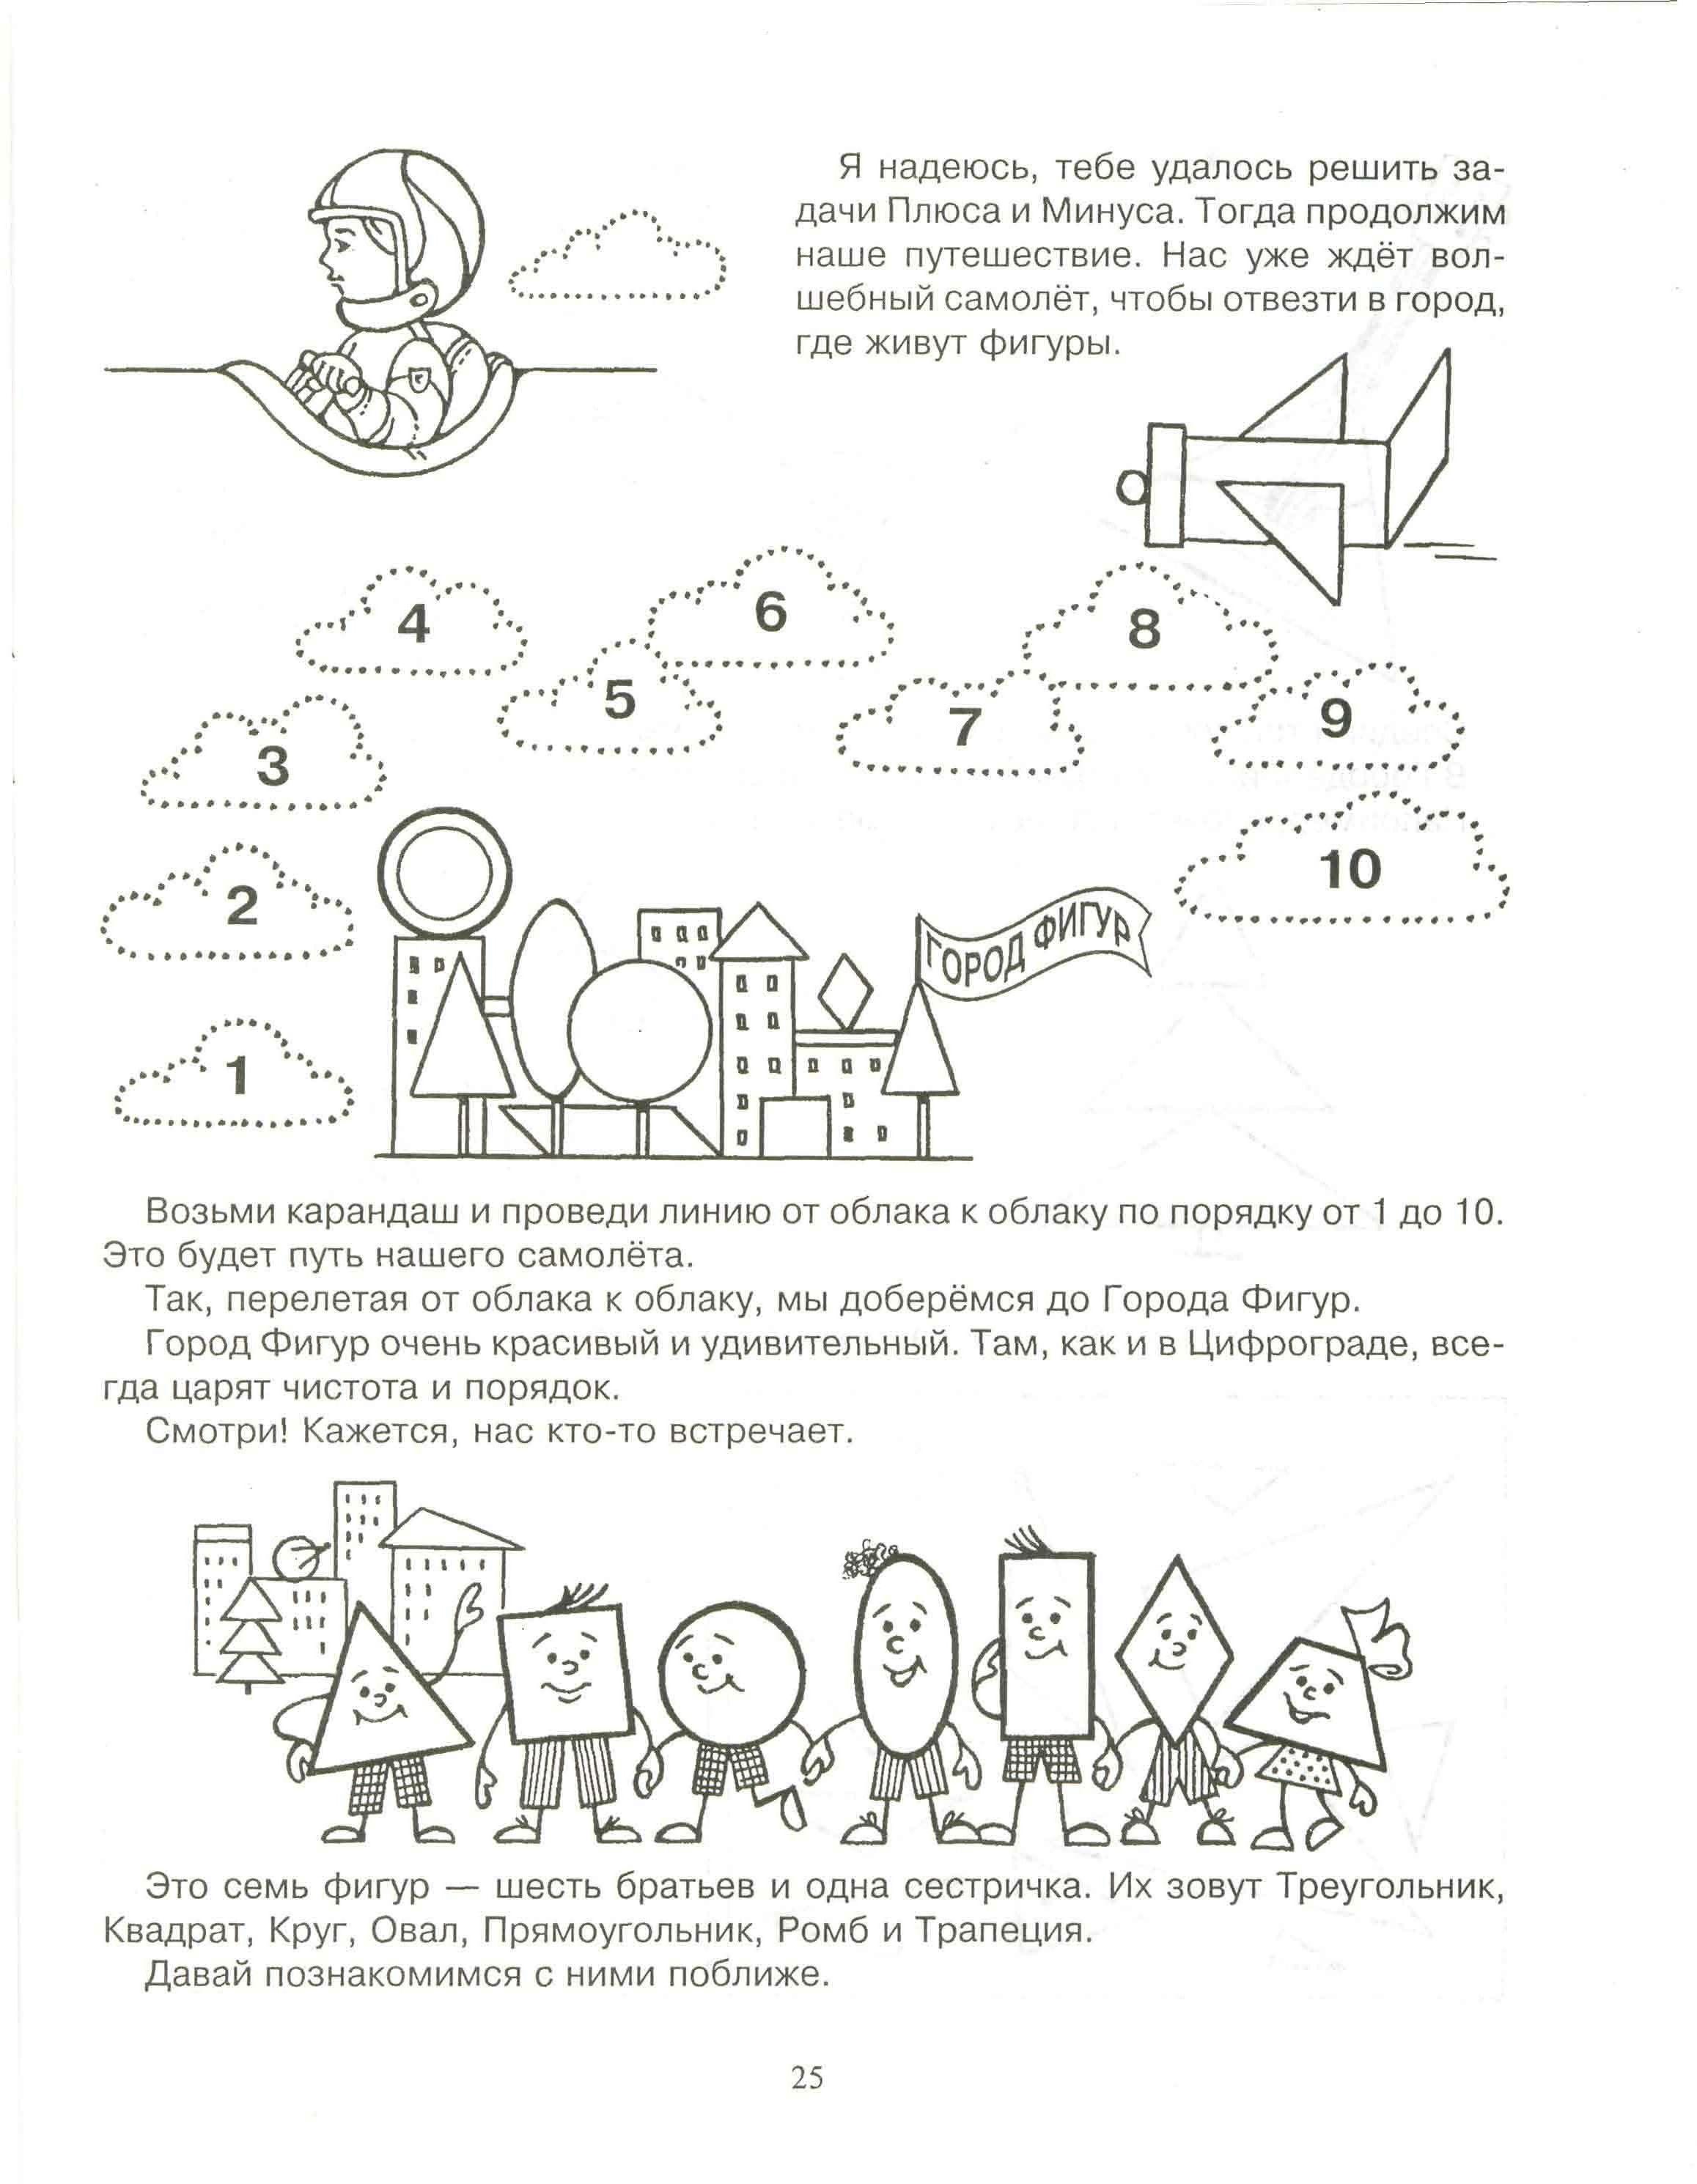 Картинка для детей правила поведения в лесу для 10